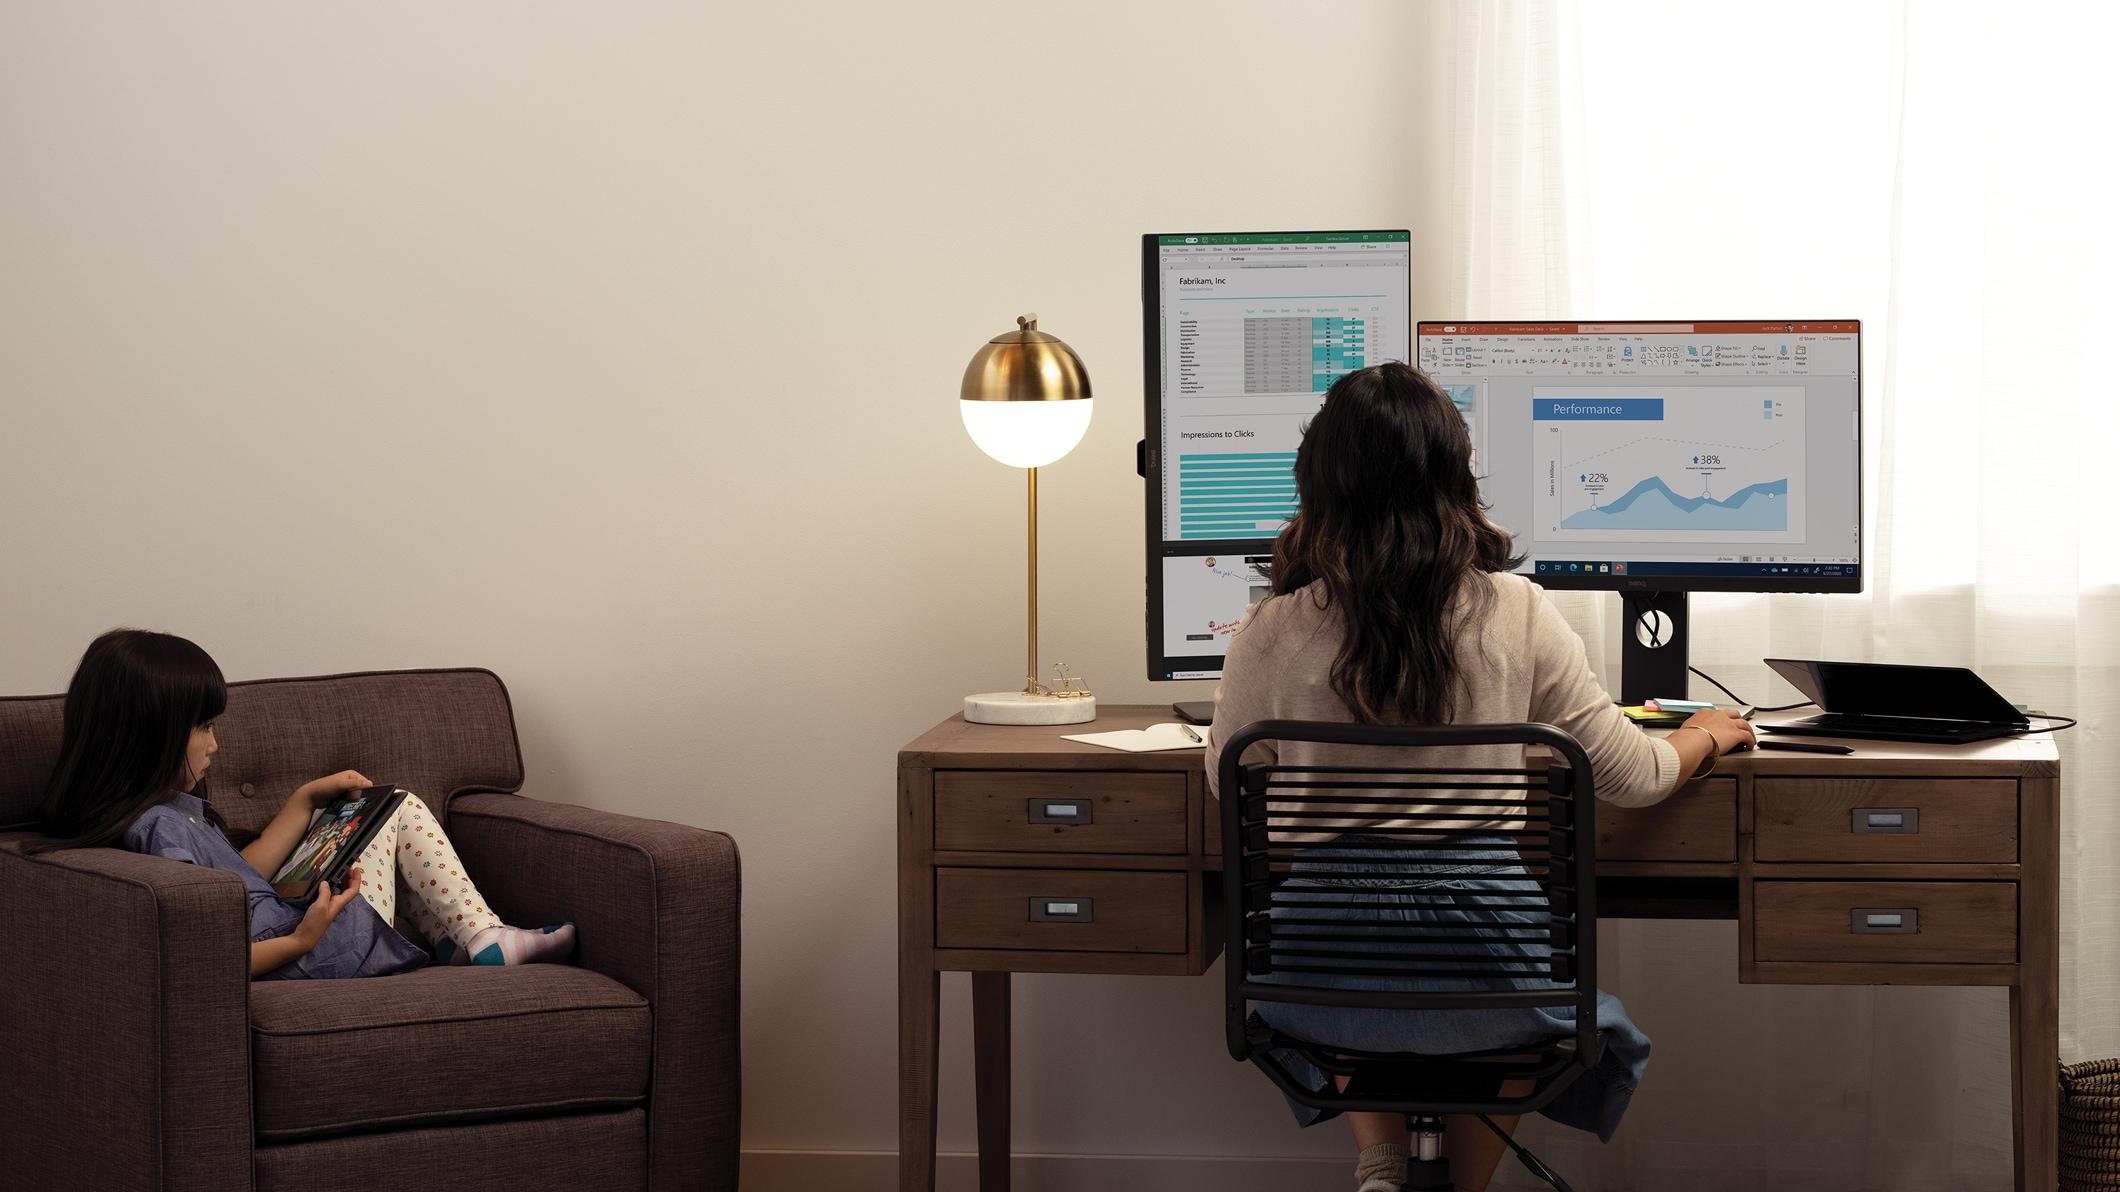 コンピューターで Office アプリを使いながら、自宅で子どもと過ごしつつ働く女性。